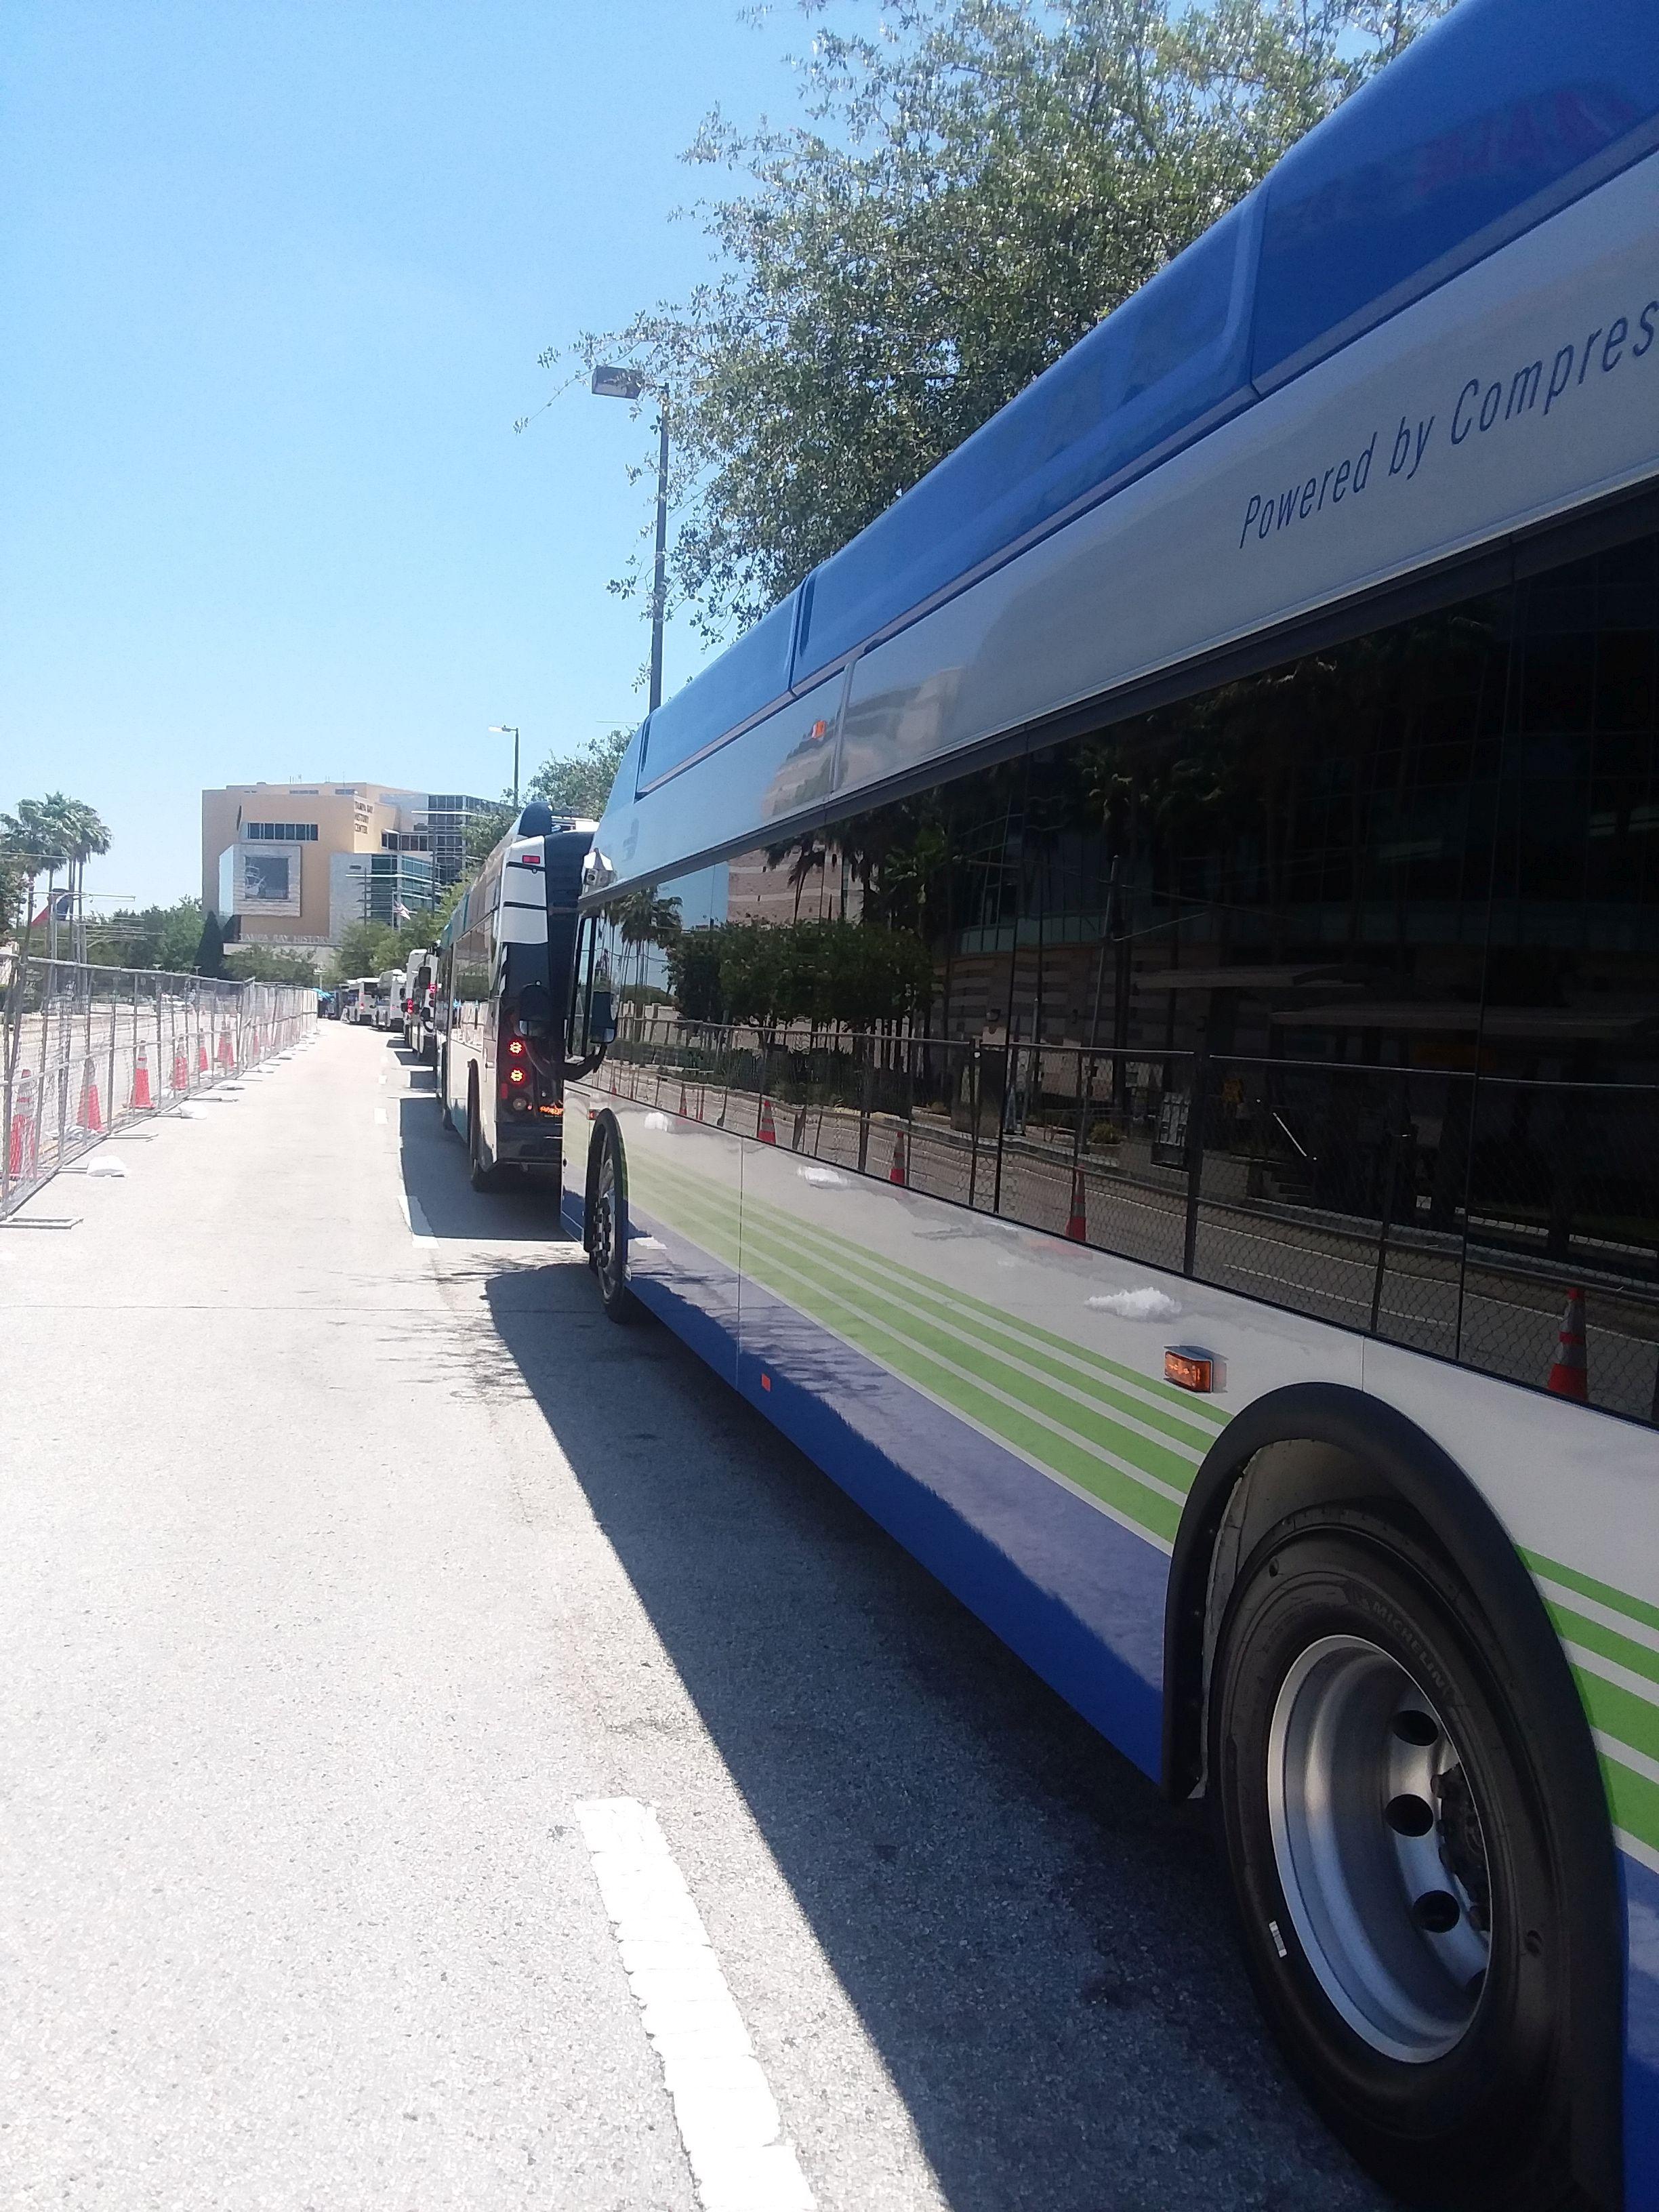 2018 APTA Bus & Paratransit Vehicle Showcase